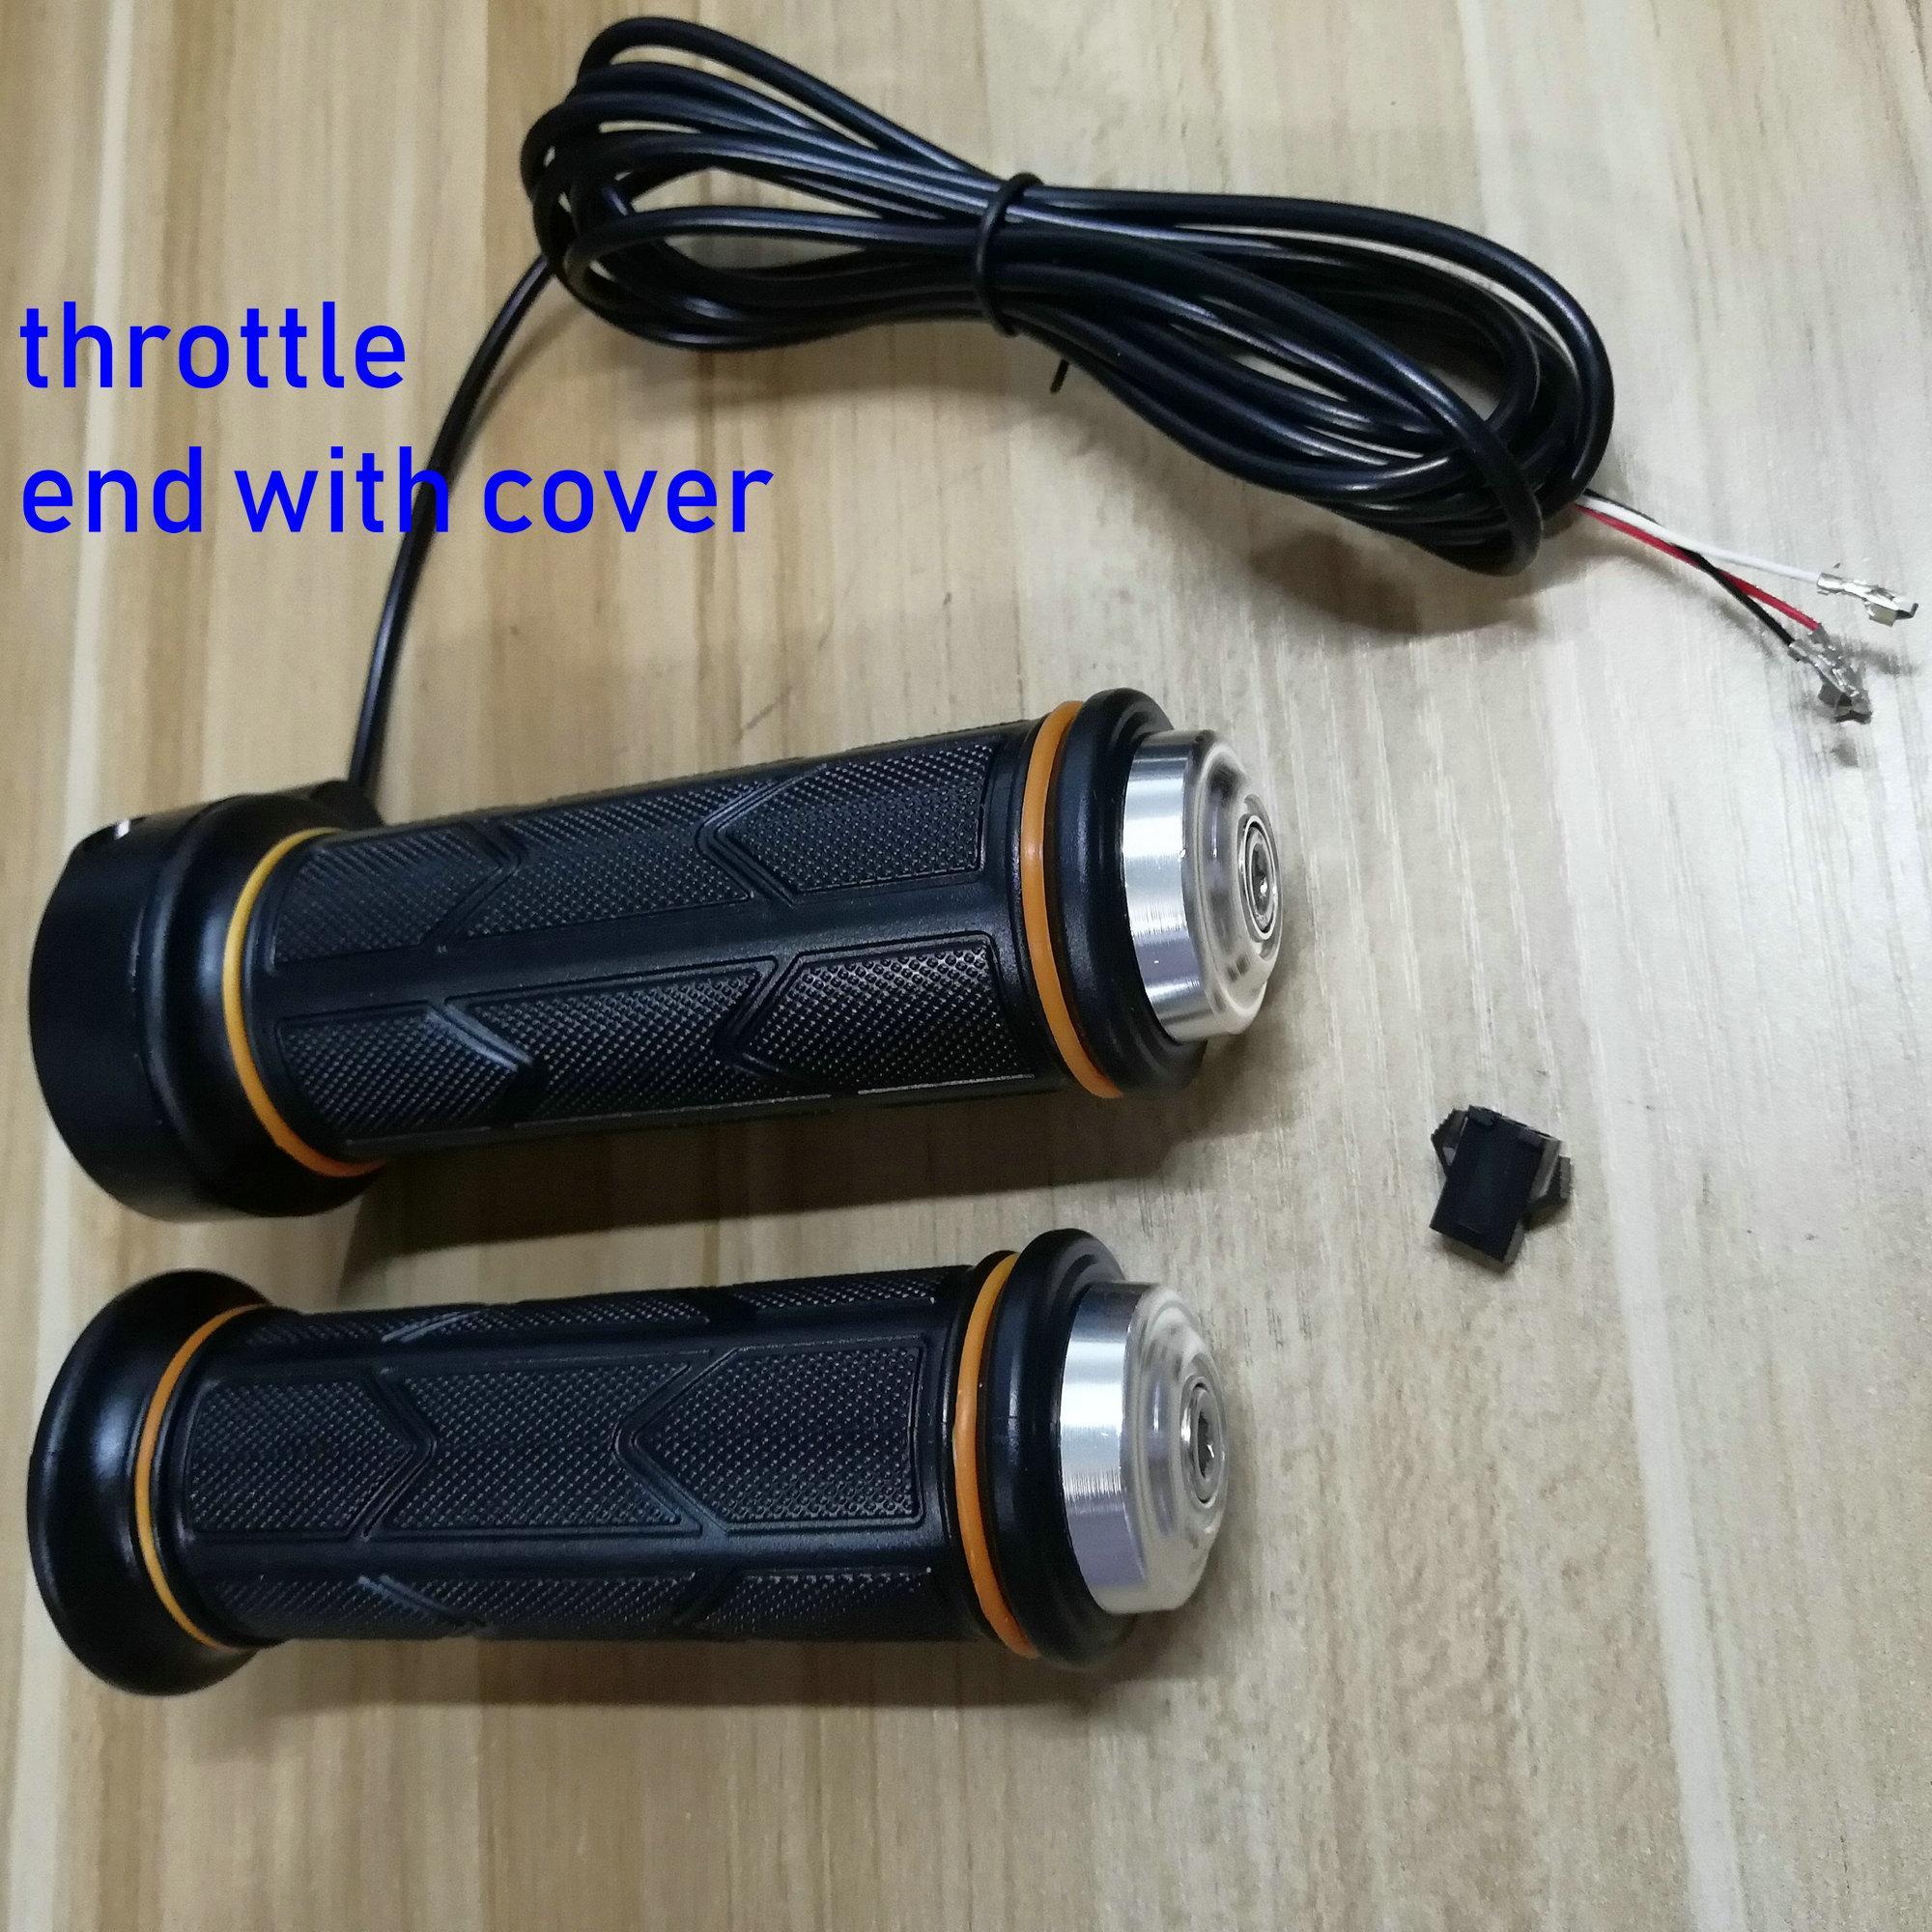 تطور دواسة الوقود عالميا بتثبيت قطر المتداول السيطرة المقود الغاز دراجة كهربائية التبعي سكوتر MTB ATV PARTS